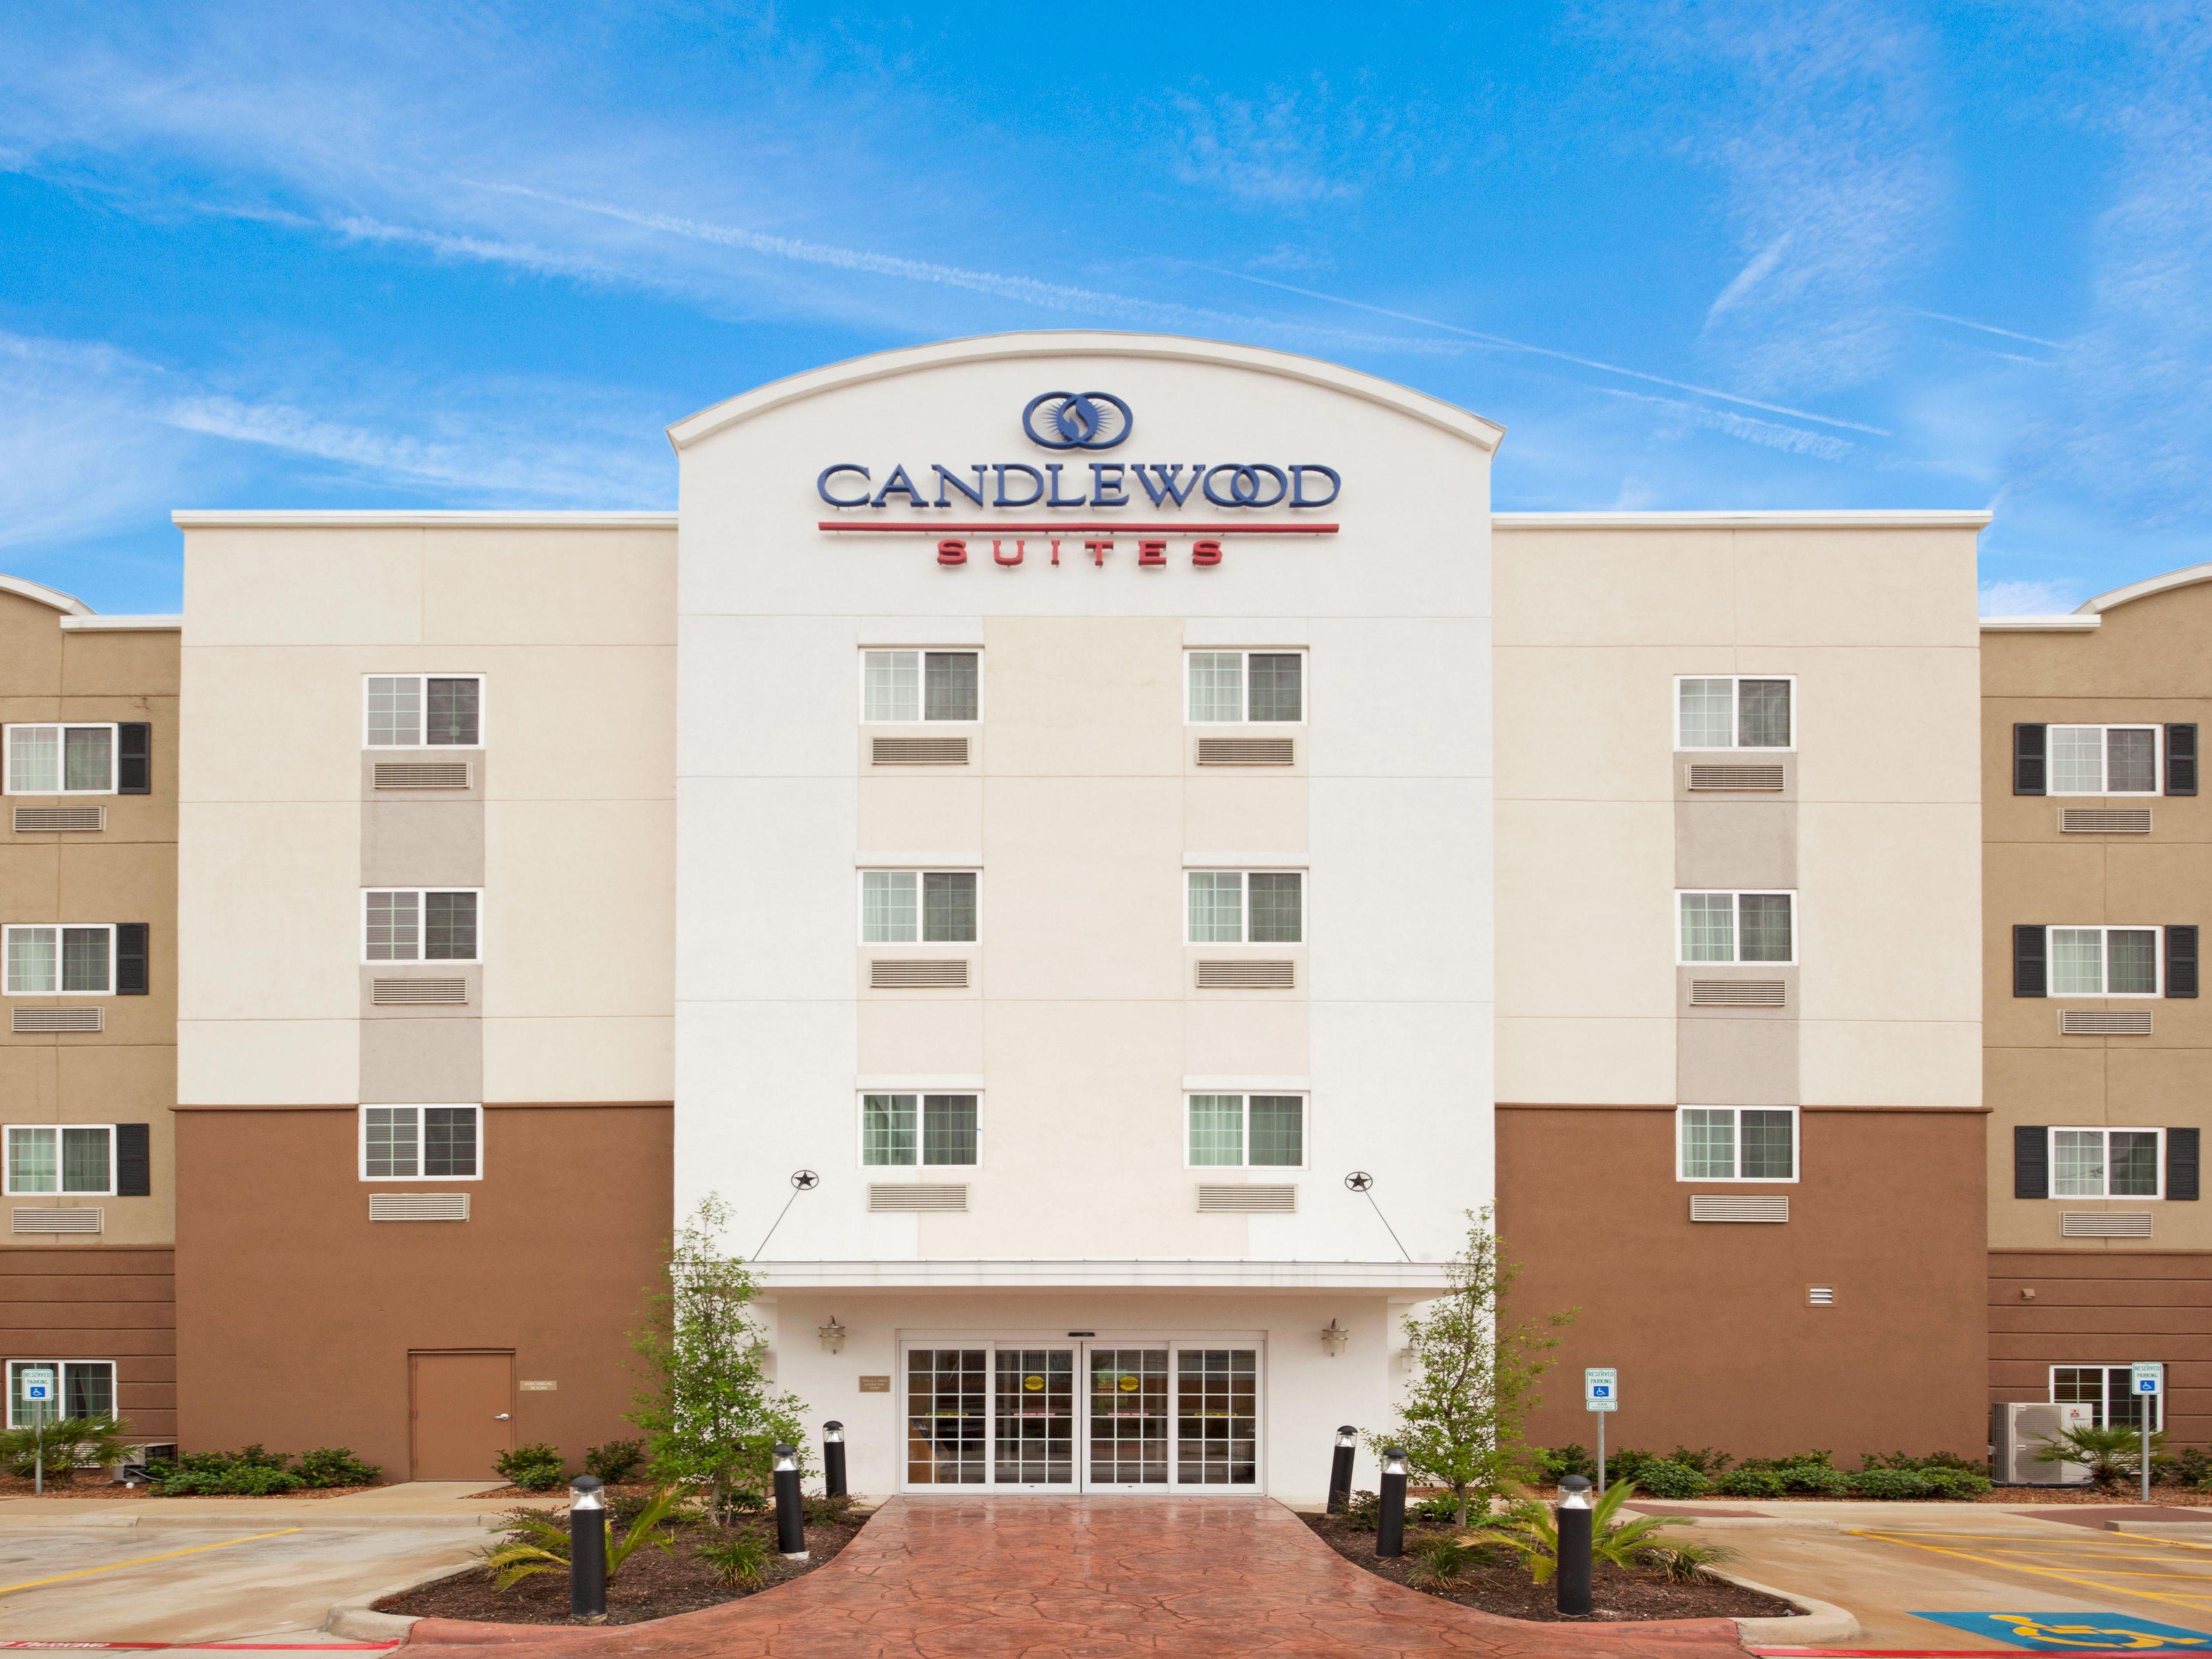 San Antonio Hotel Suites 2 Bedroom San Antonio Hotels Candlewood Suites San Antonio Downtown